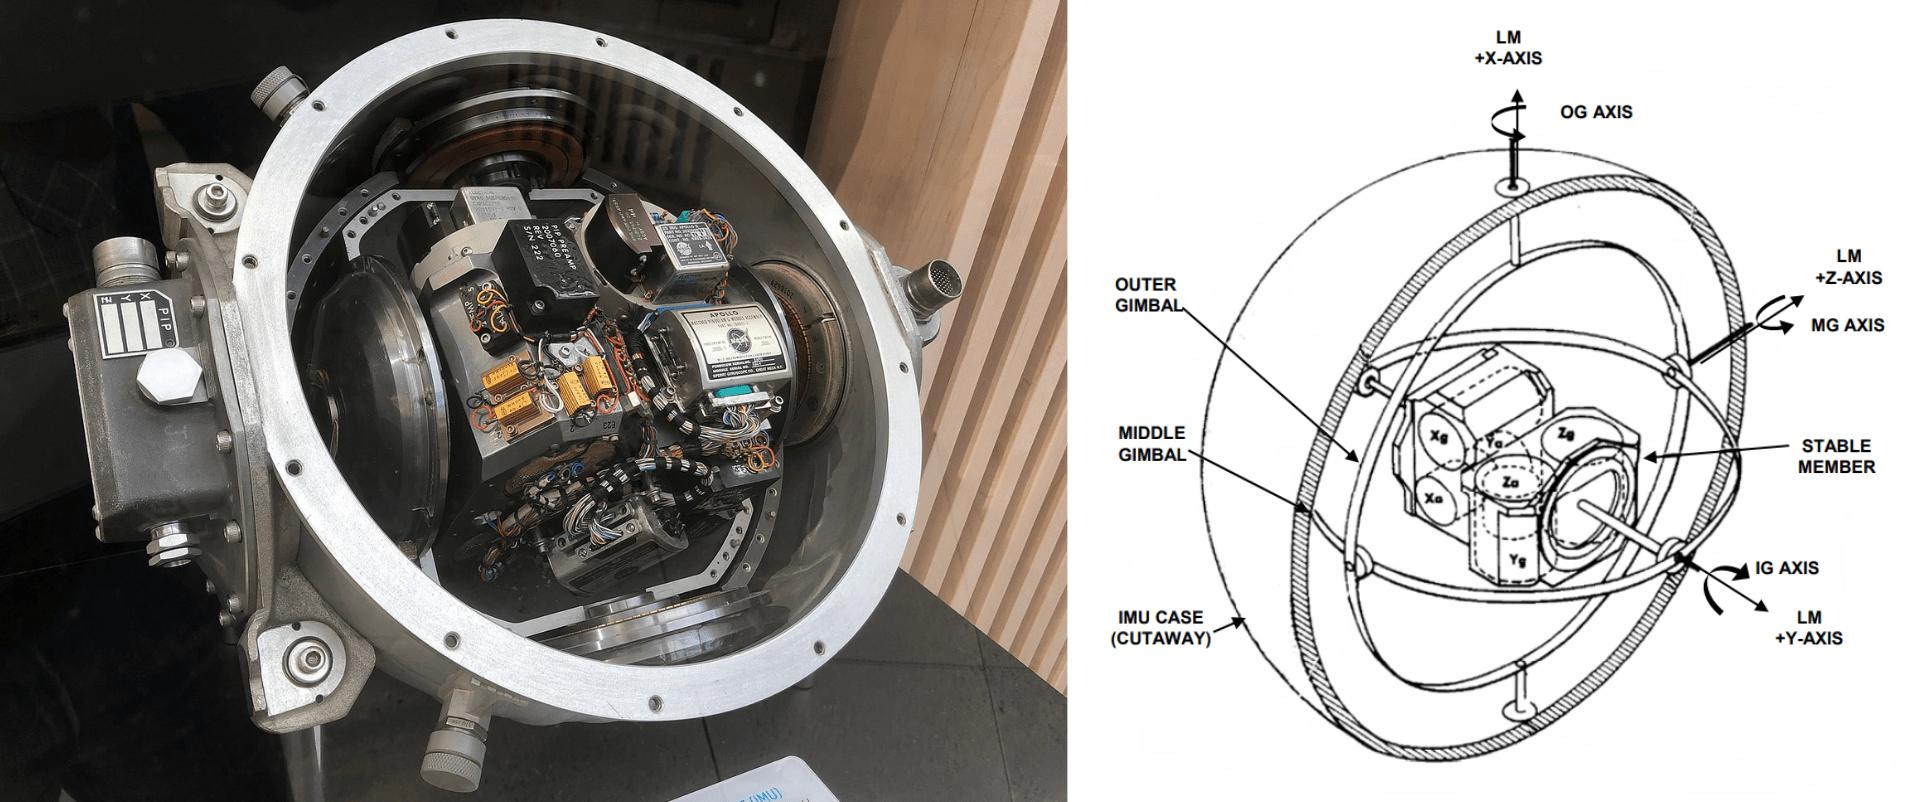 A sinistra una sezione di un dispositivo IMU utilizzato nelle missioni Apollo, a destra un suo schema. Credits: NASA.